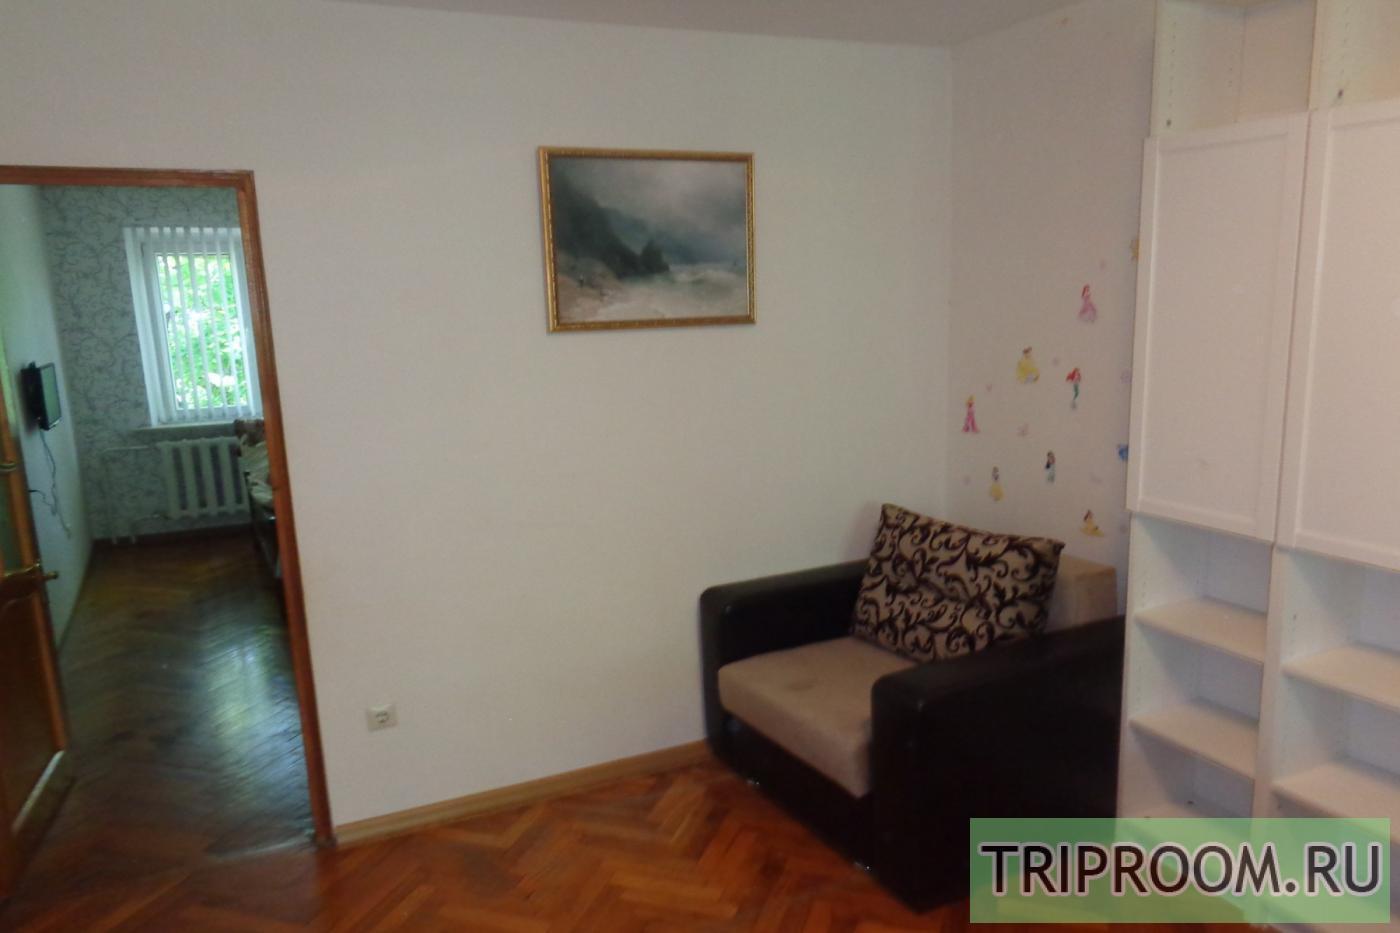 2-комнатная квартира посуточно (вариант № 6980), ул. Воровского улица, фото № 11